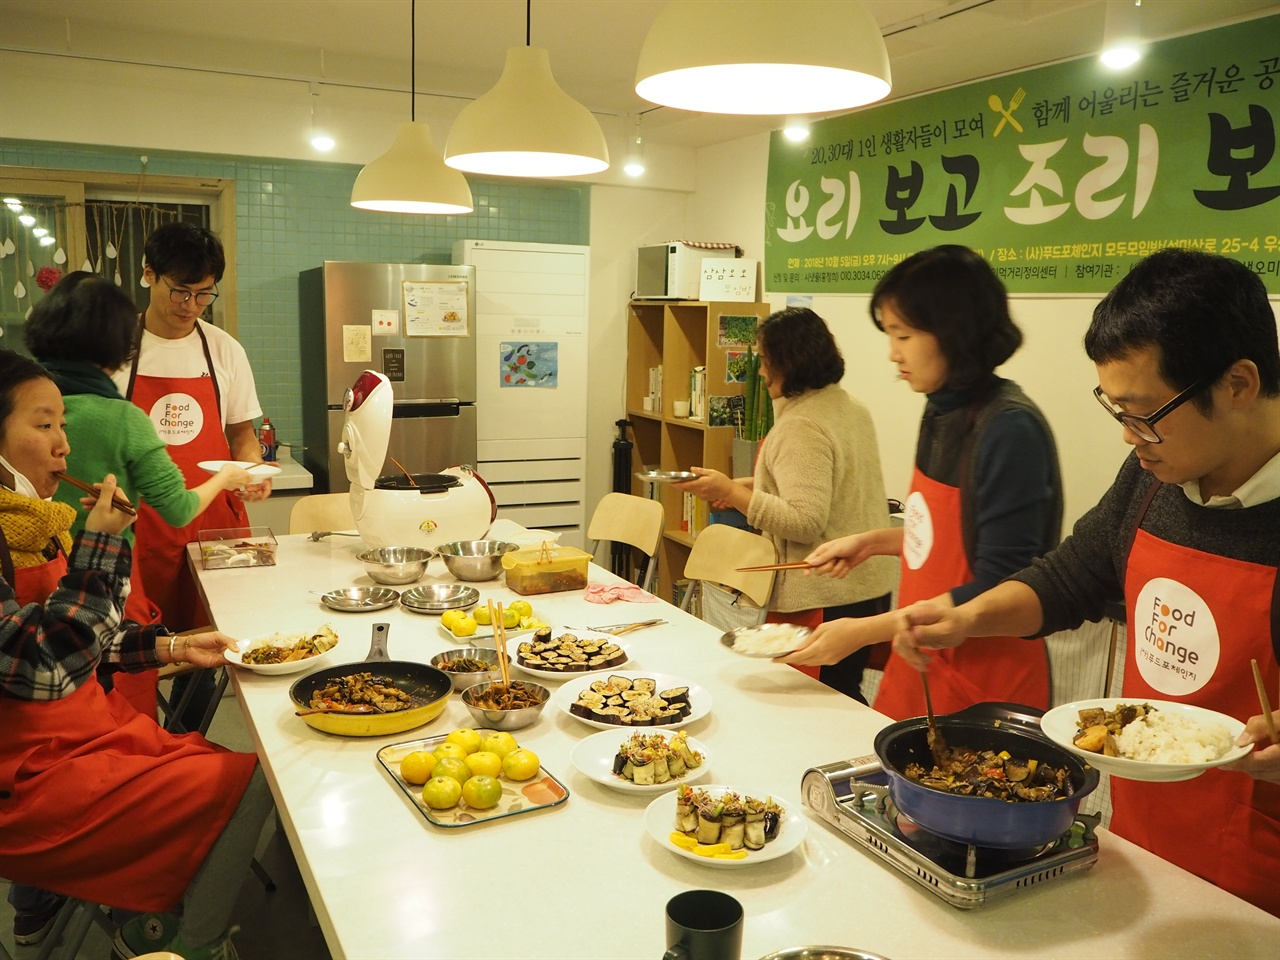 청년일인가구 요리보고 조리보고  / 건강한 요리를 직접 만들어보는 청년들